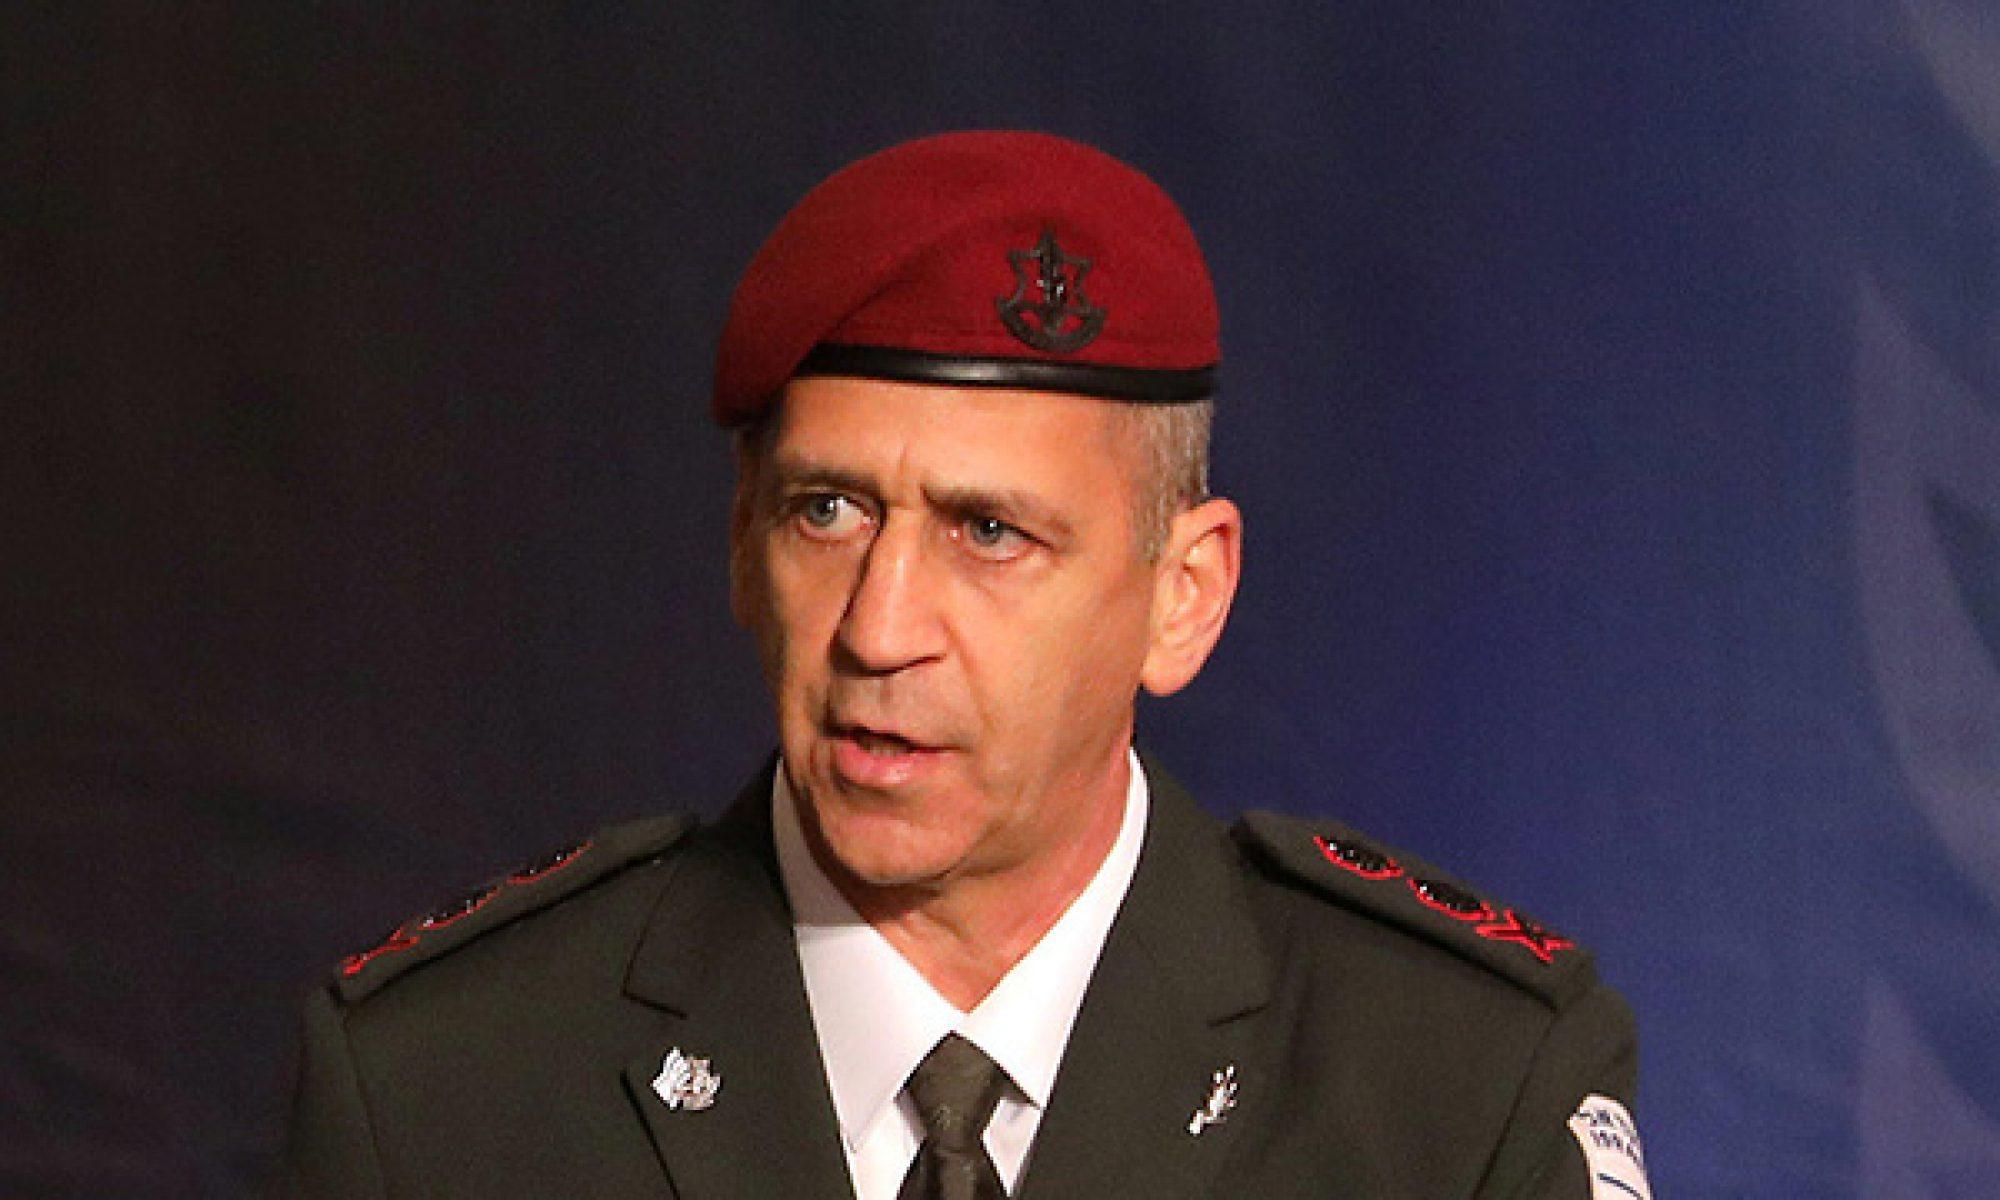 İsrail Genelkurmay Başkanı Kochavi: İran güçlerinin Suriye'ye yerleşmesine karşı hazırlıklı olmaya devam edeceğiz